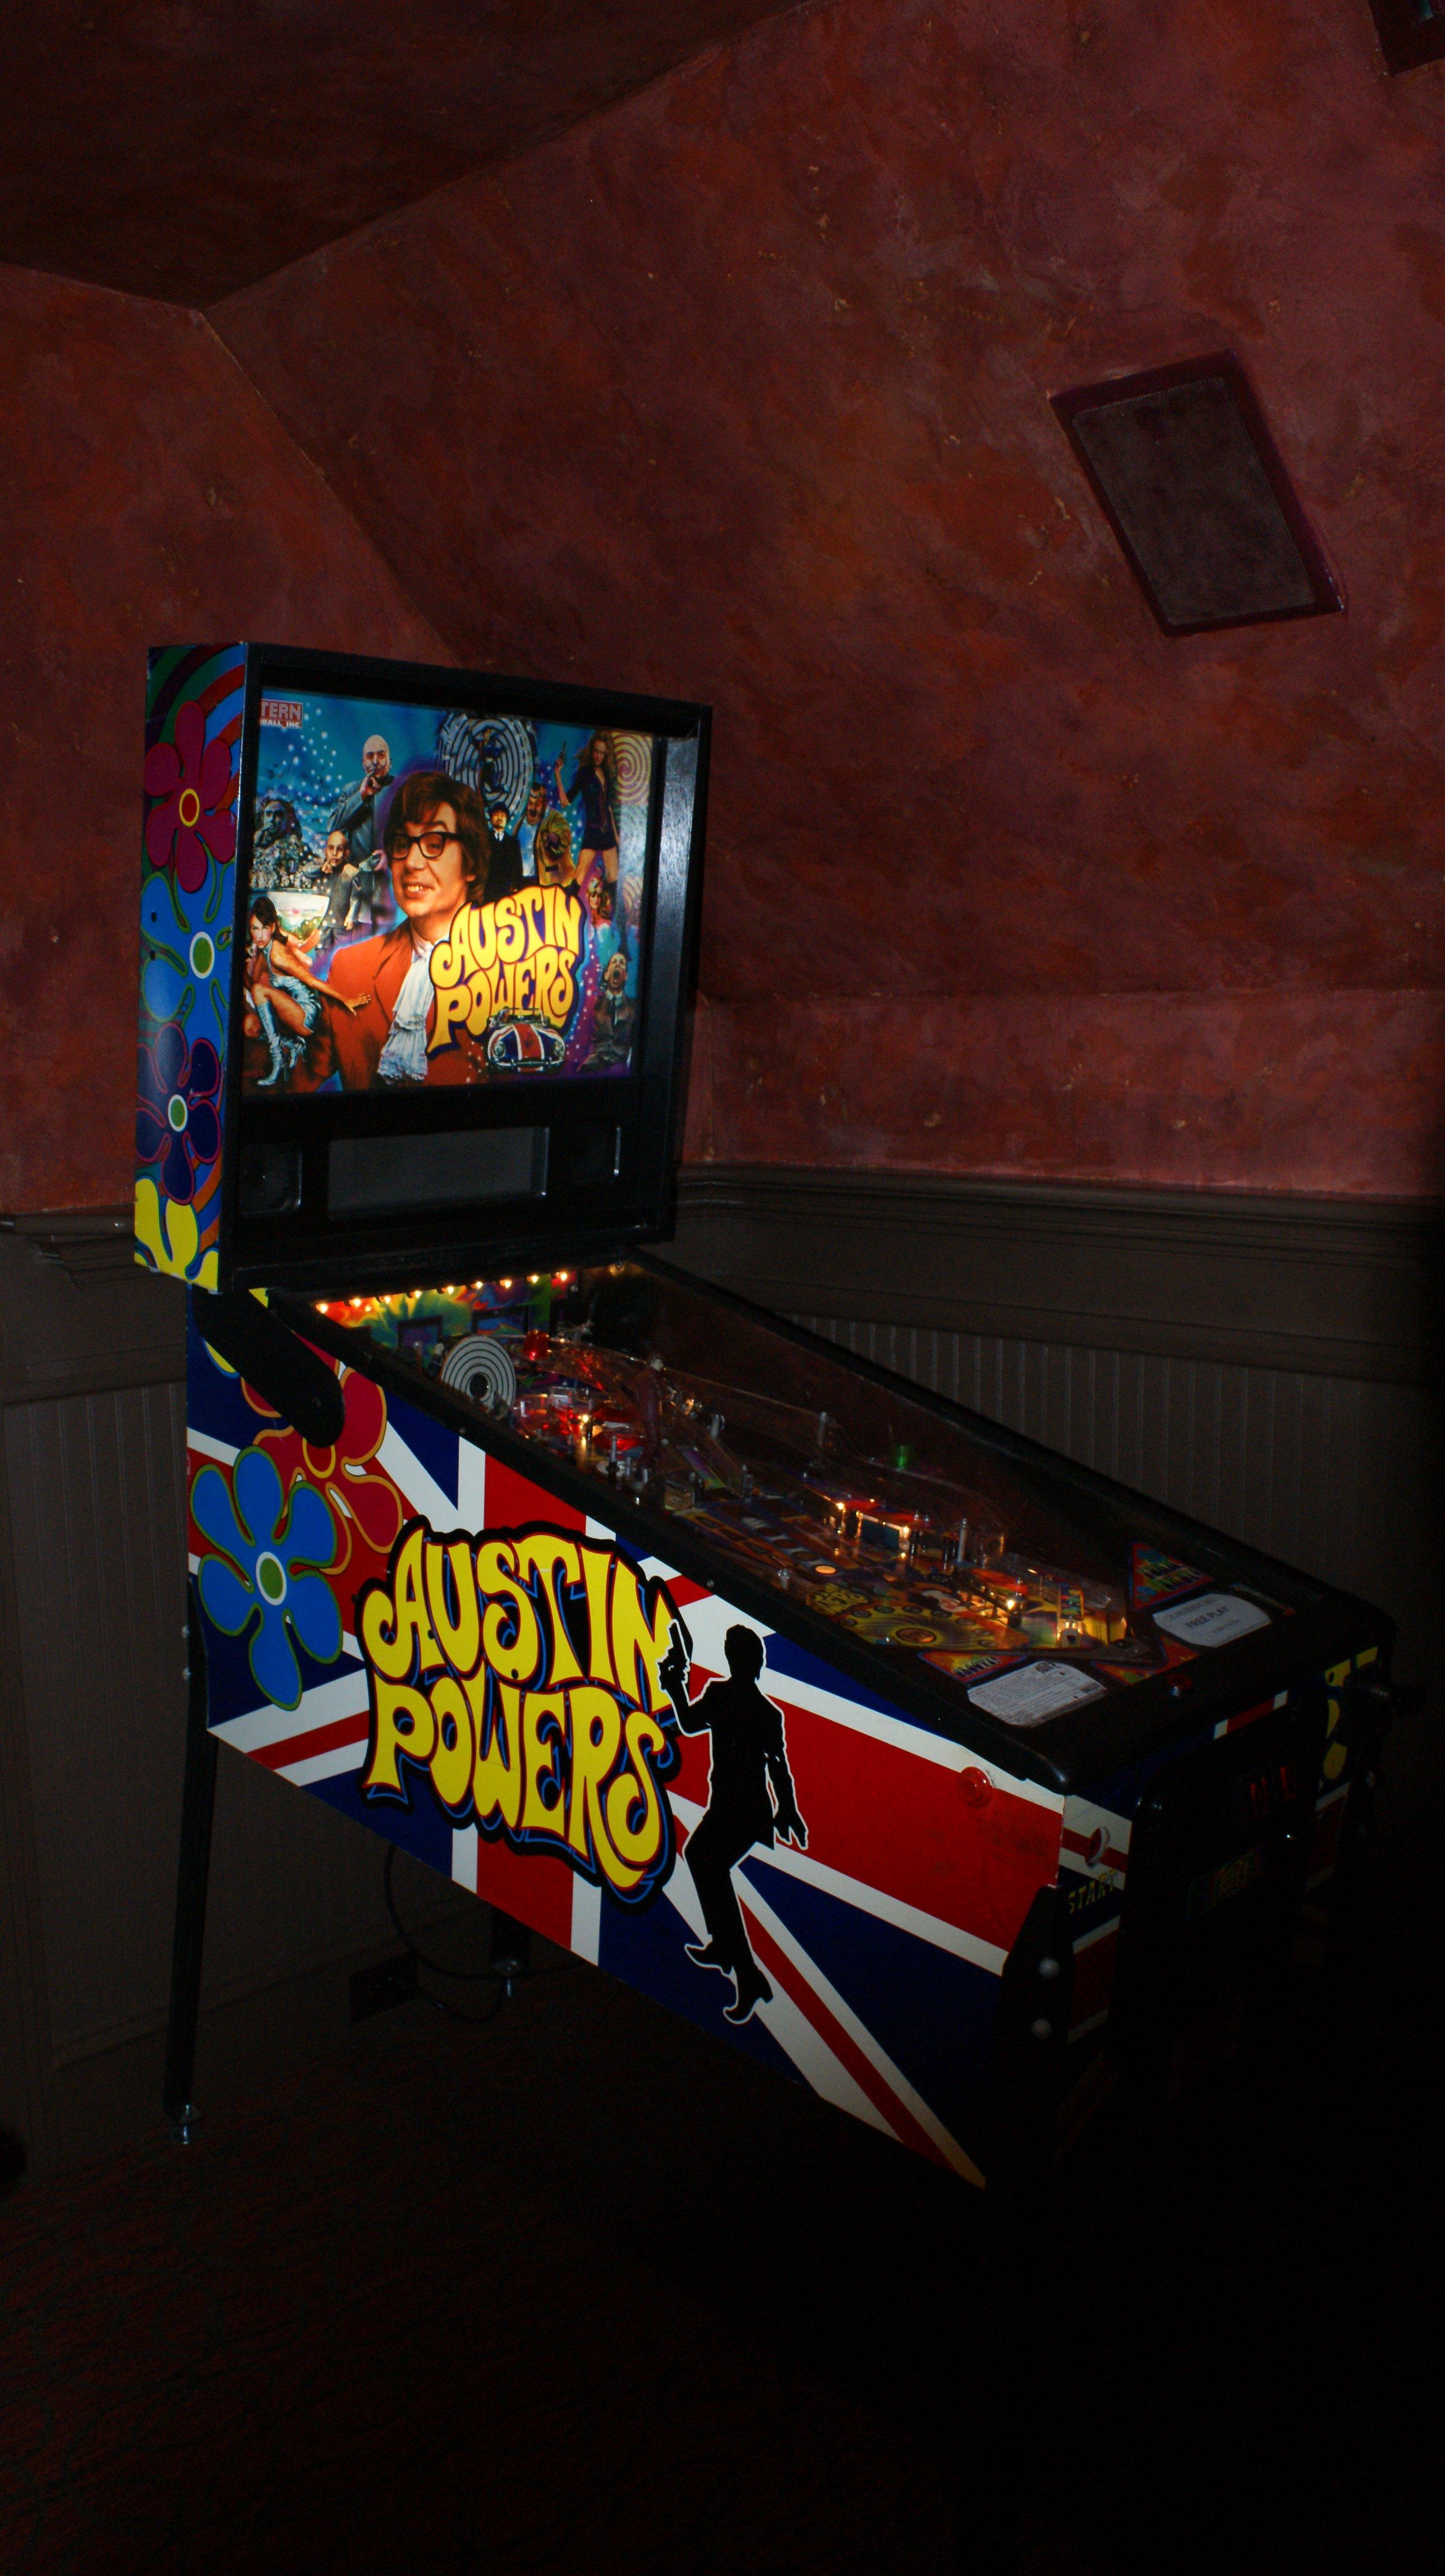 powers pinball machine